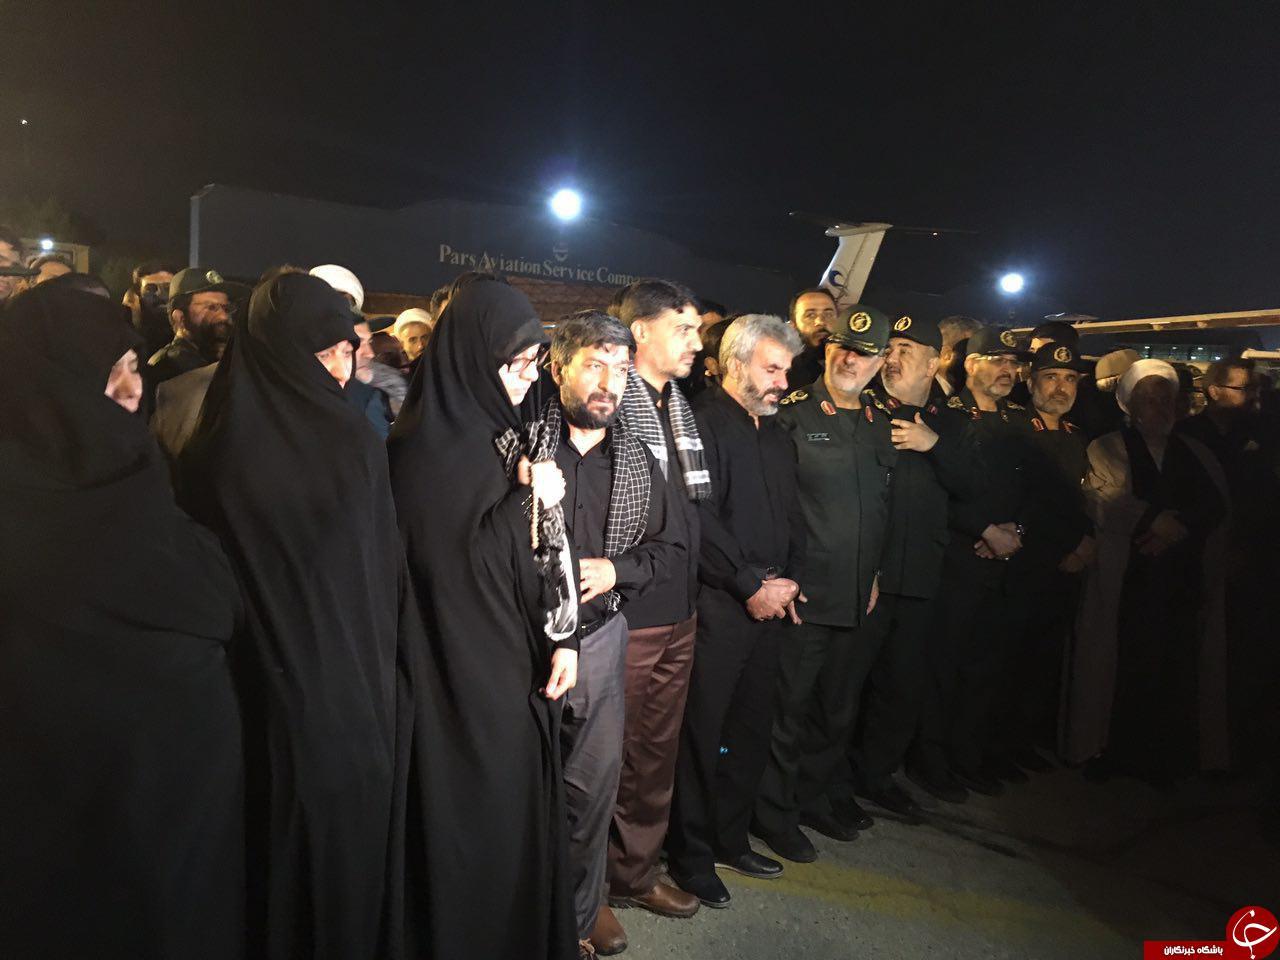 نخستین تصاویر از ورود پیکر مطهر شهید حججی